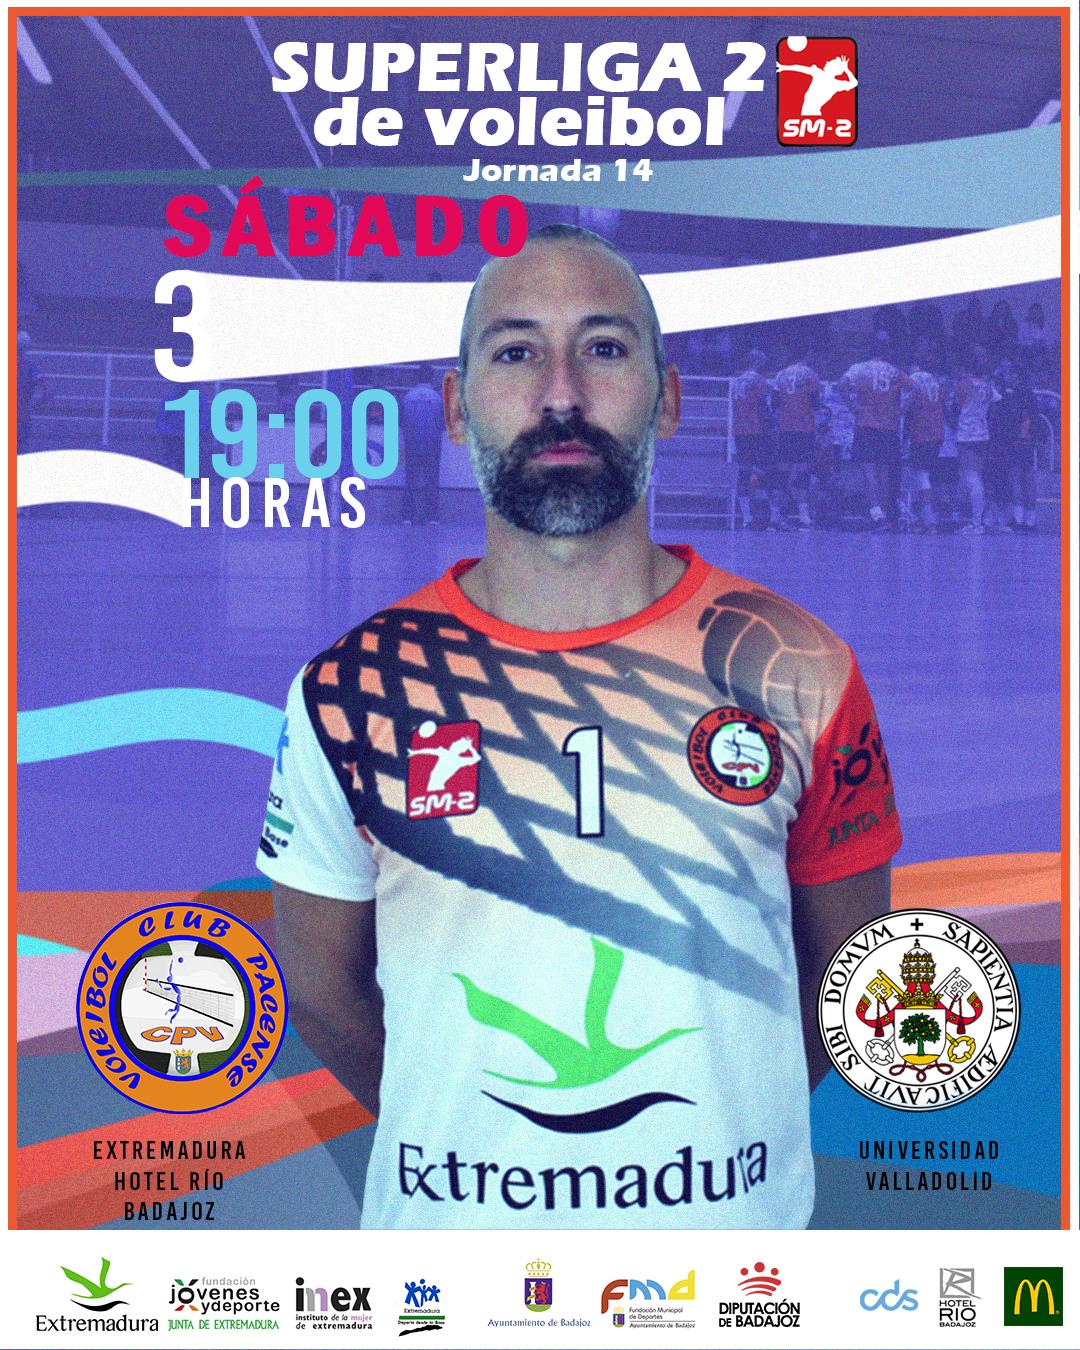 El Extremadura Hotel Río Badajoz busca la victoria en Las Palmeras